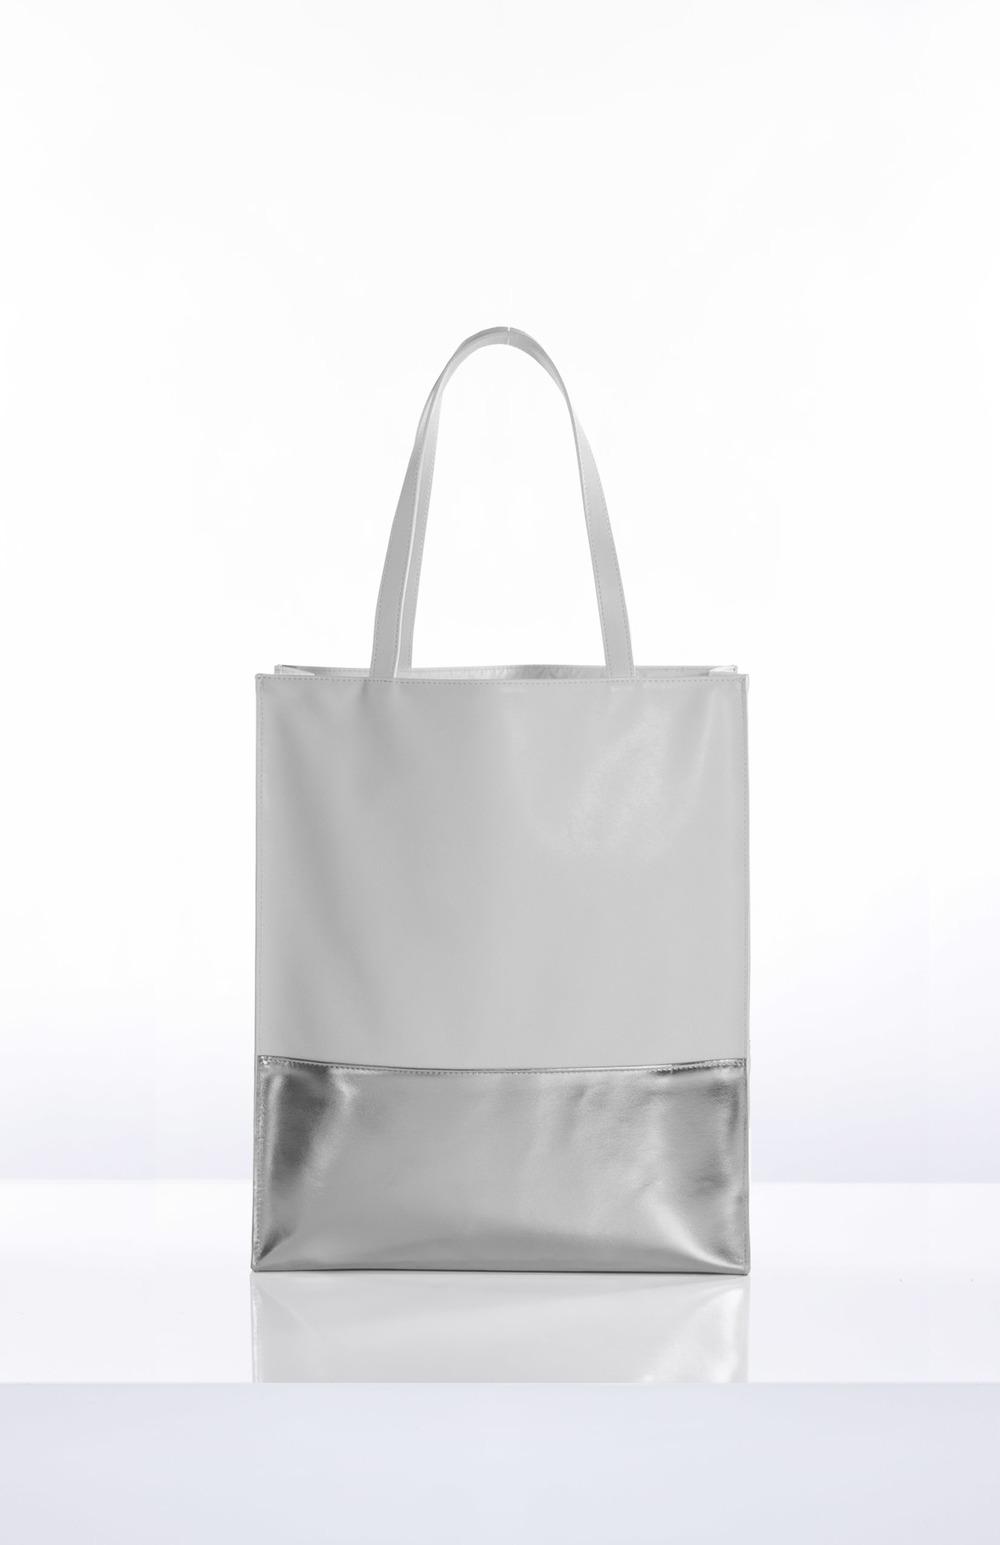 AURORA- White + Platinum Gusset